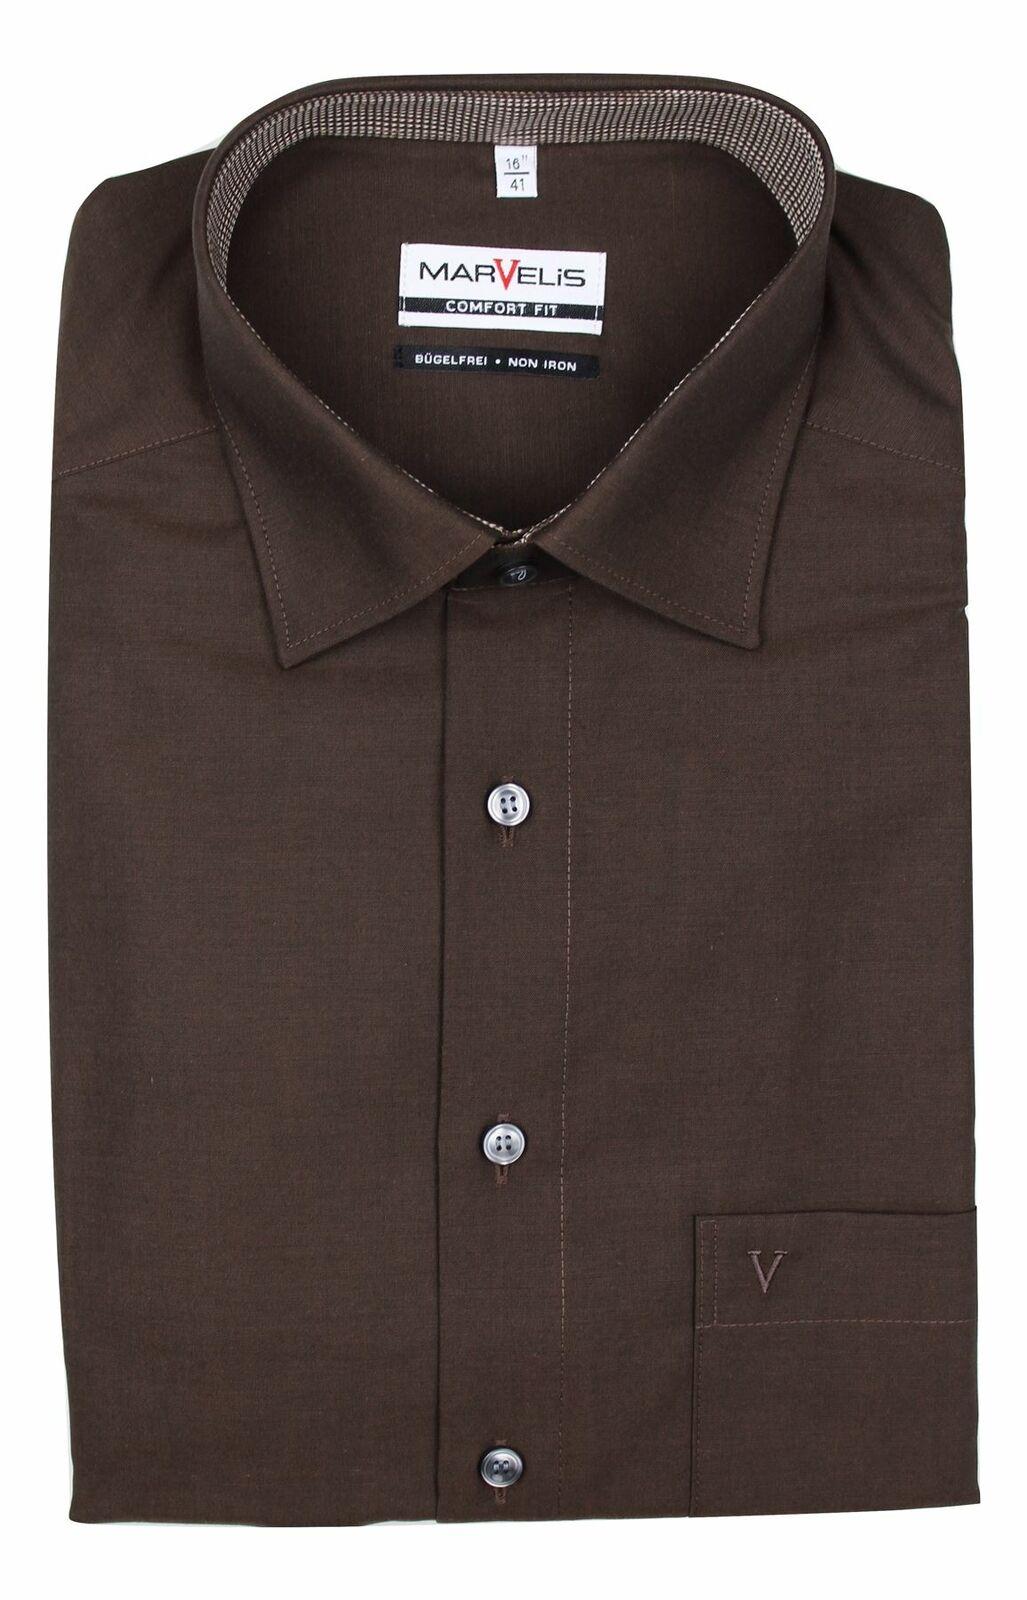 Brown Contrast Spread Collar